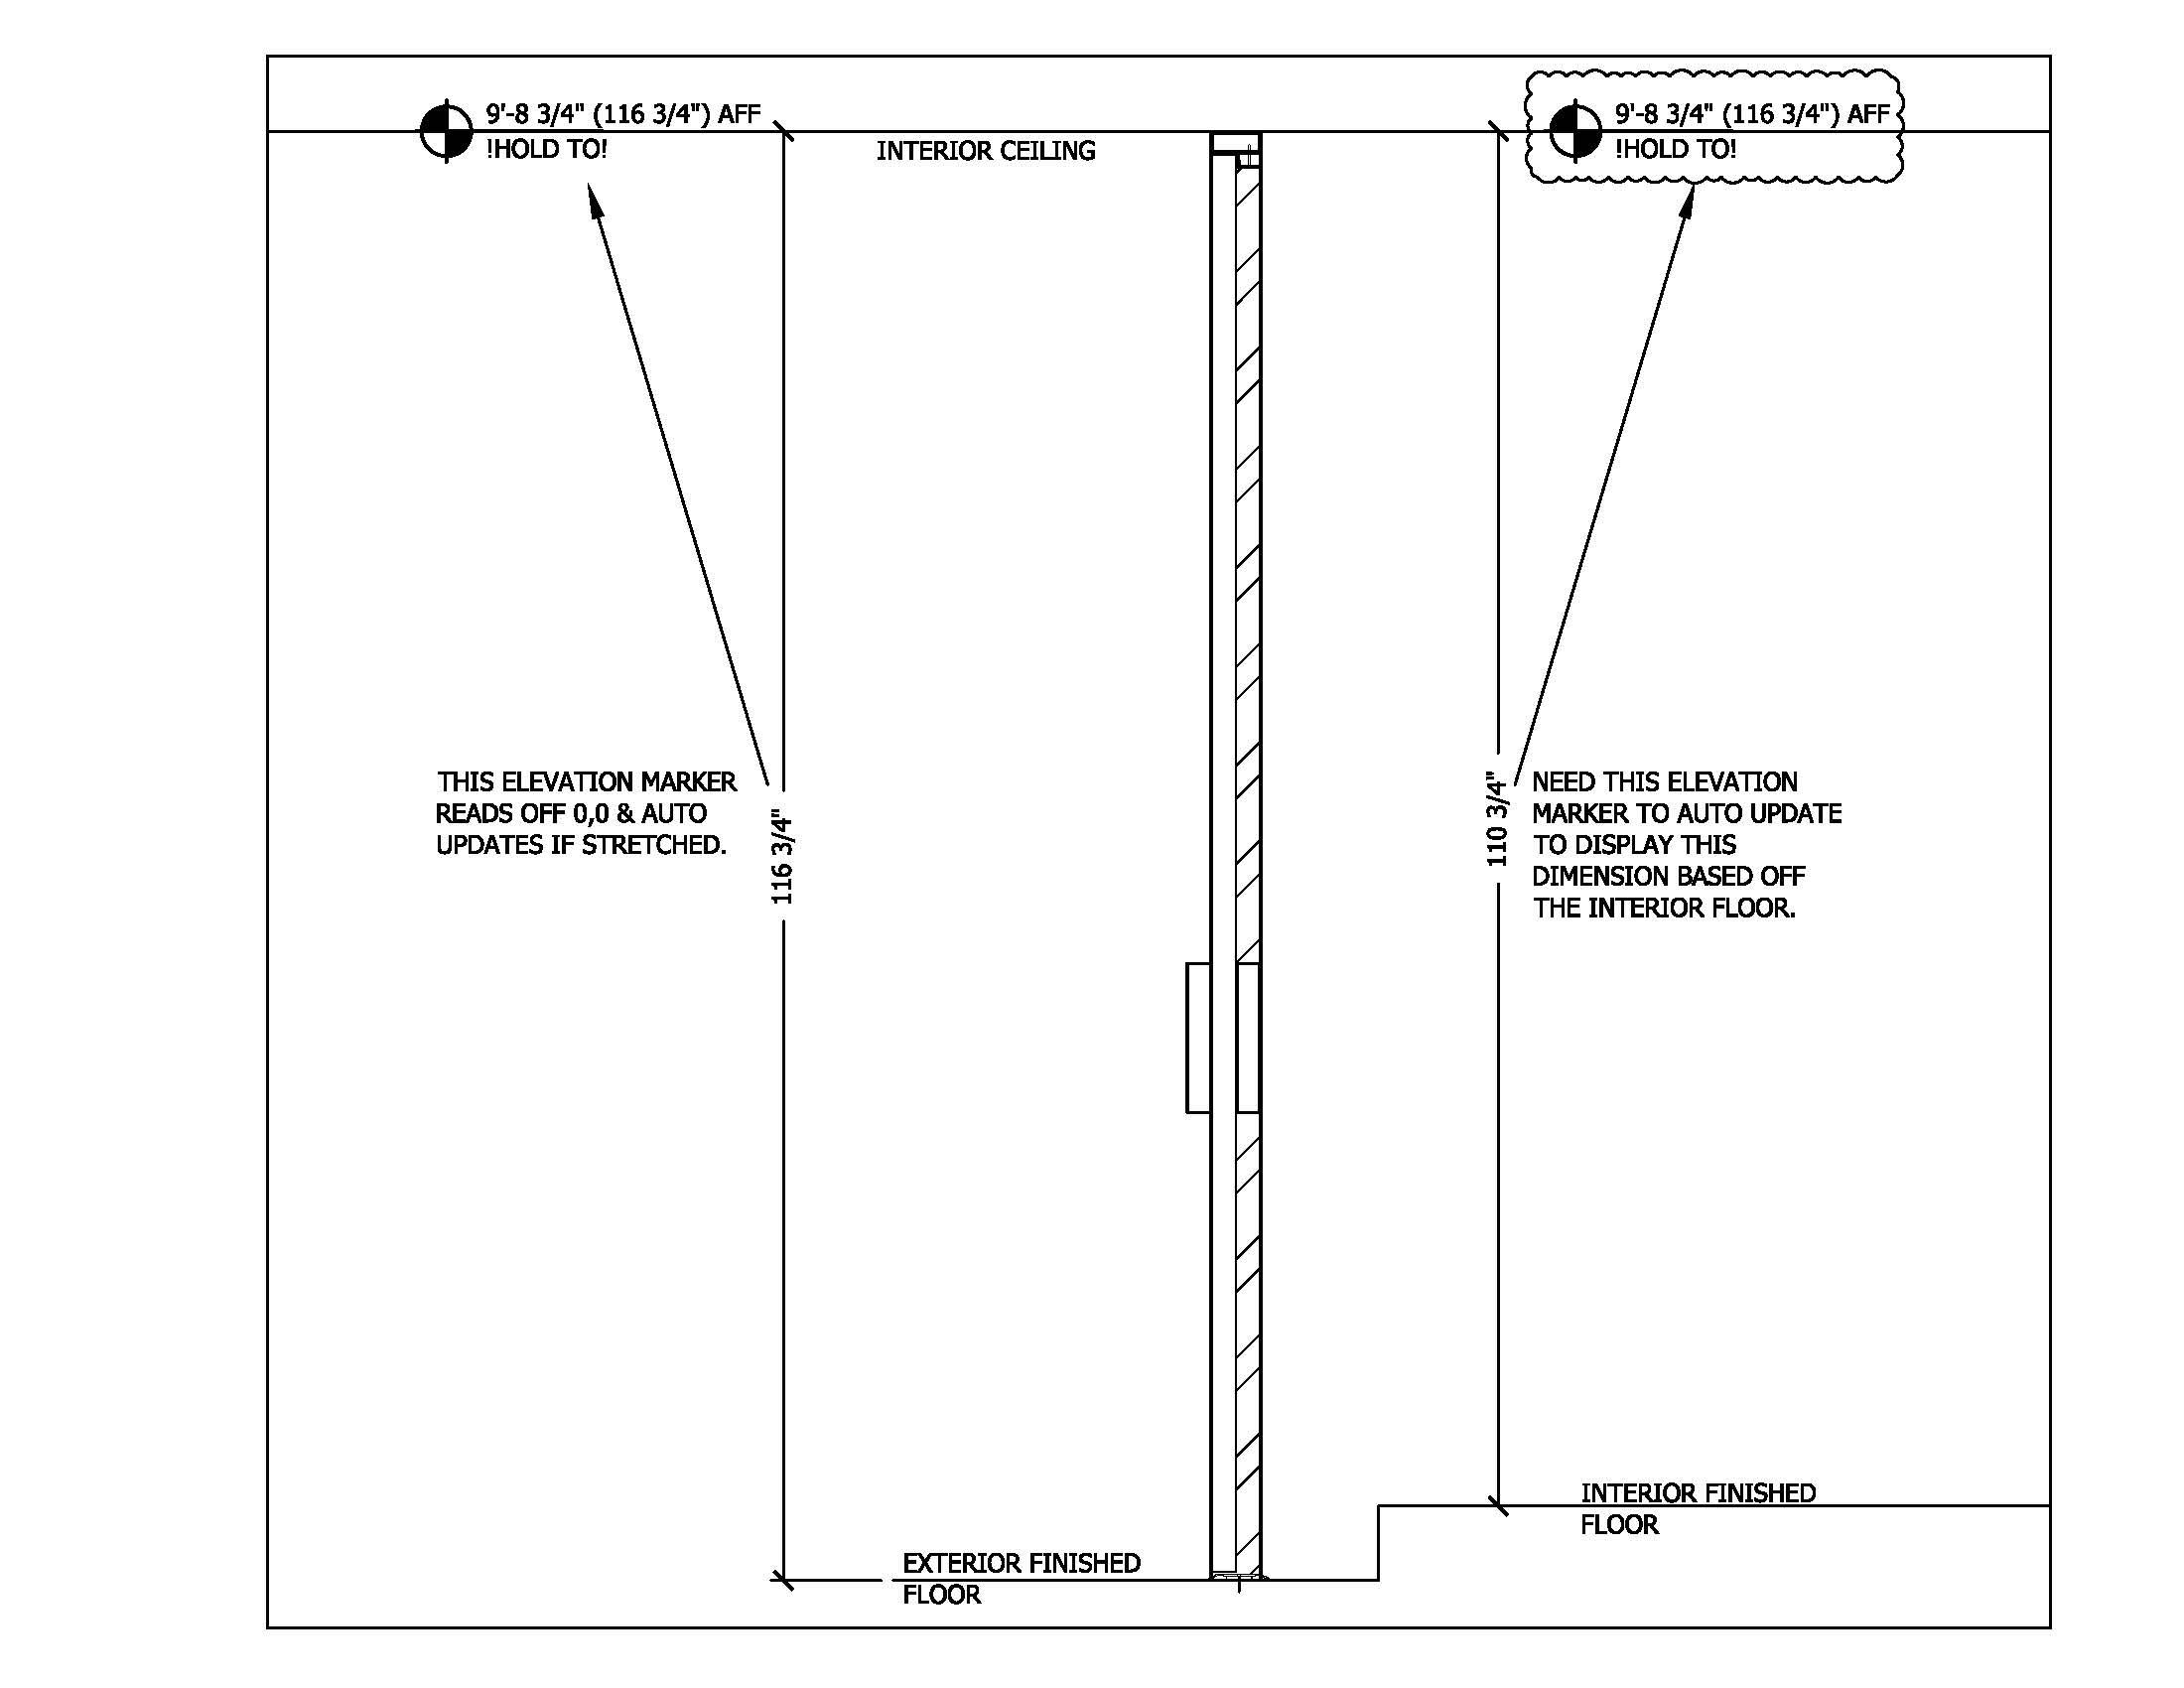 Floor Elevation Definition : Placing elevation marker with multiple baselines cad